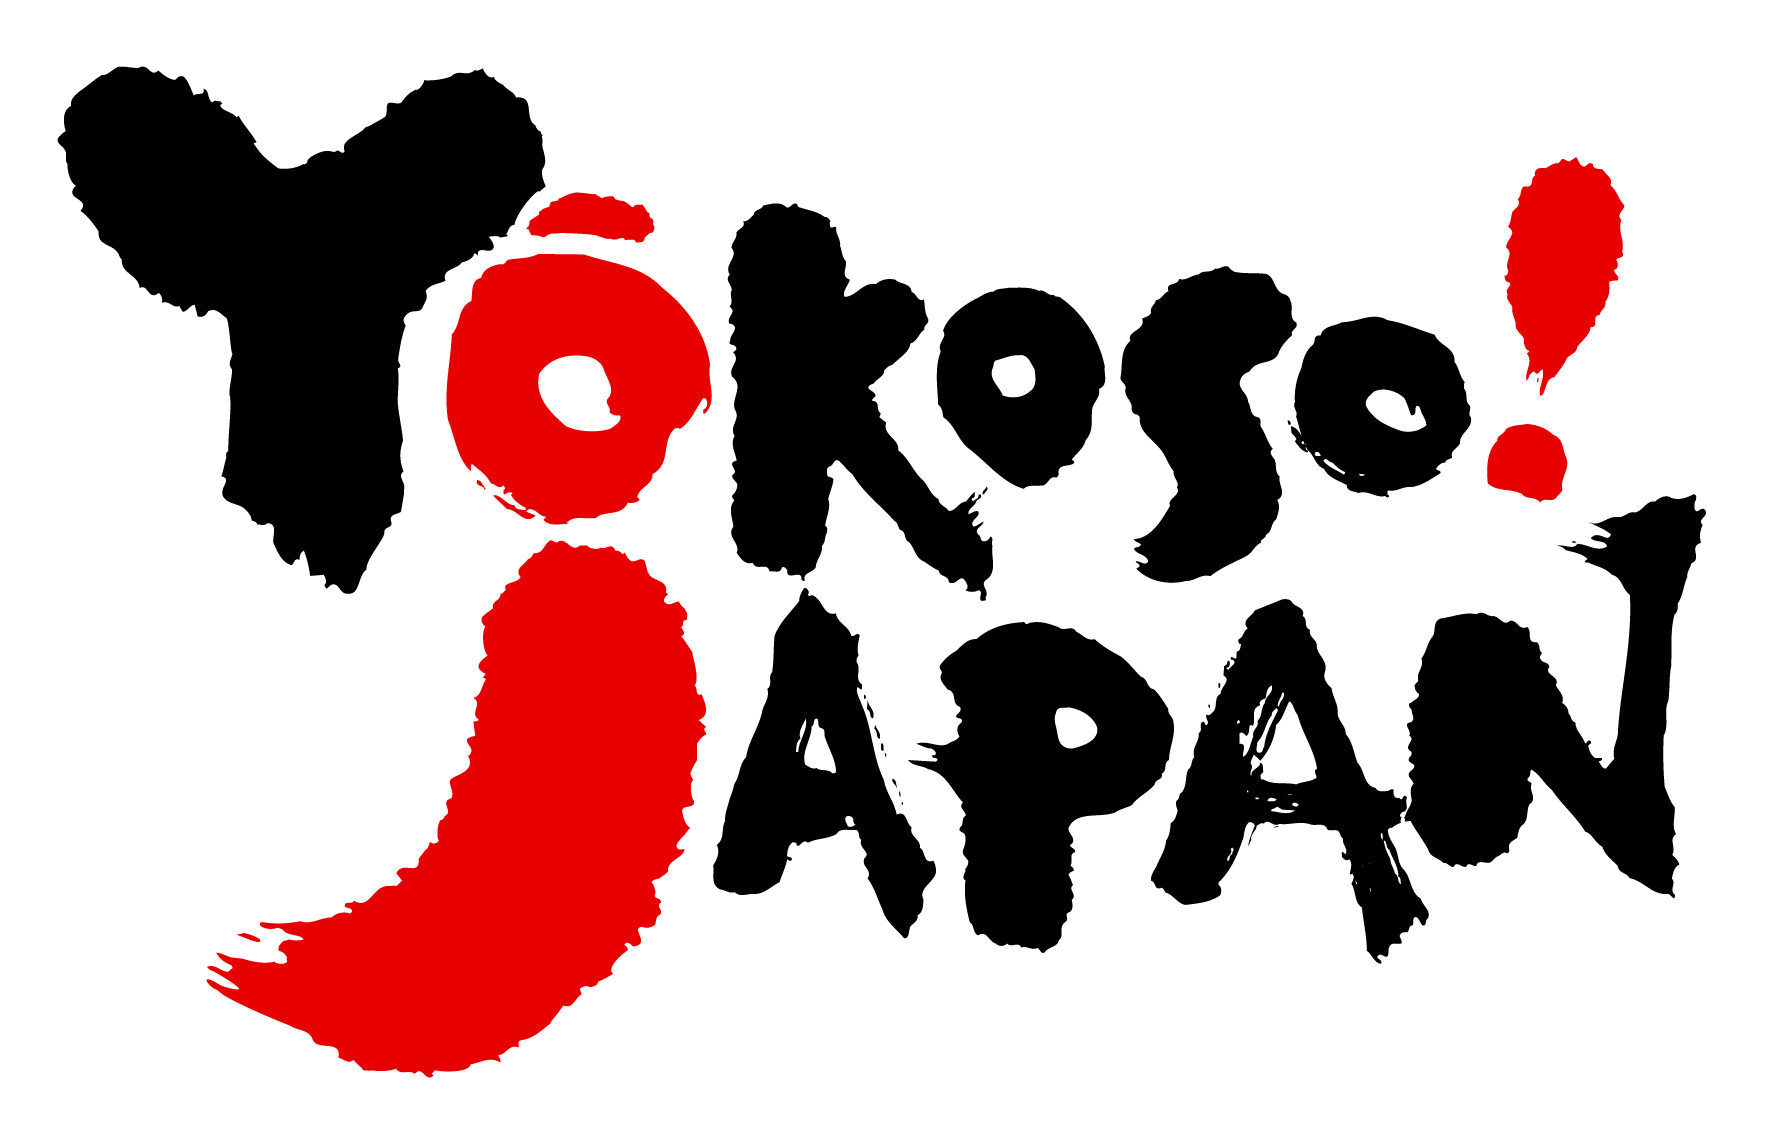 Comment Dire Bienvenue En Japonais, Yokoso Et Autres   Un encequiconcerne Bonjour En Japonais